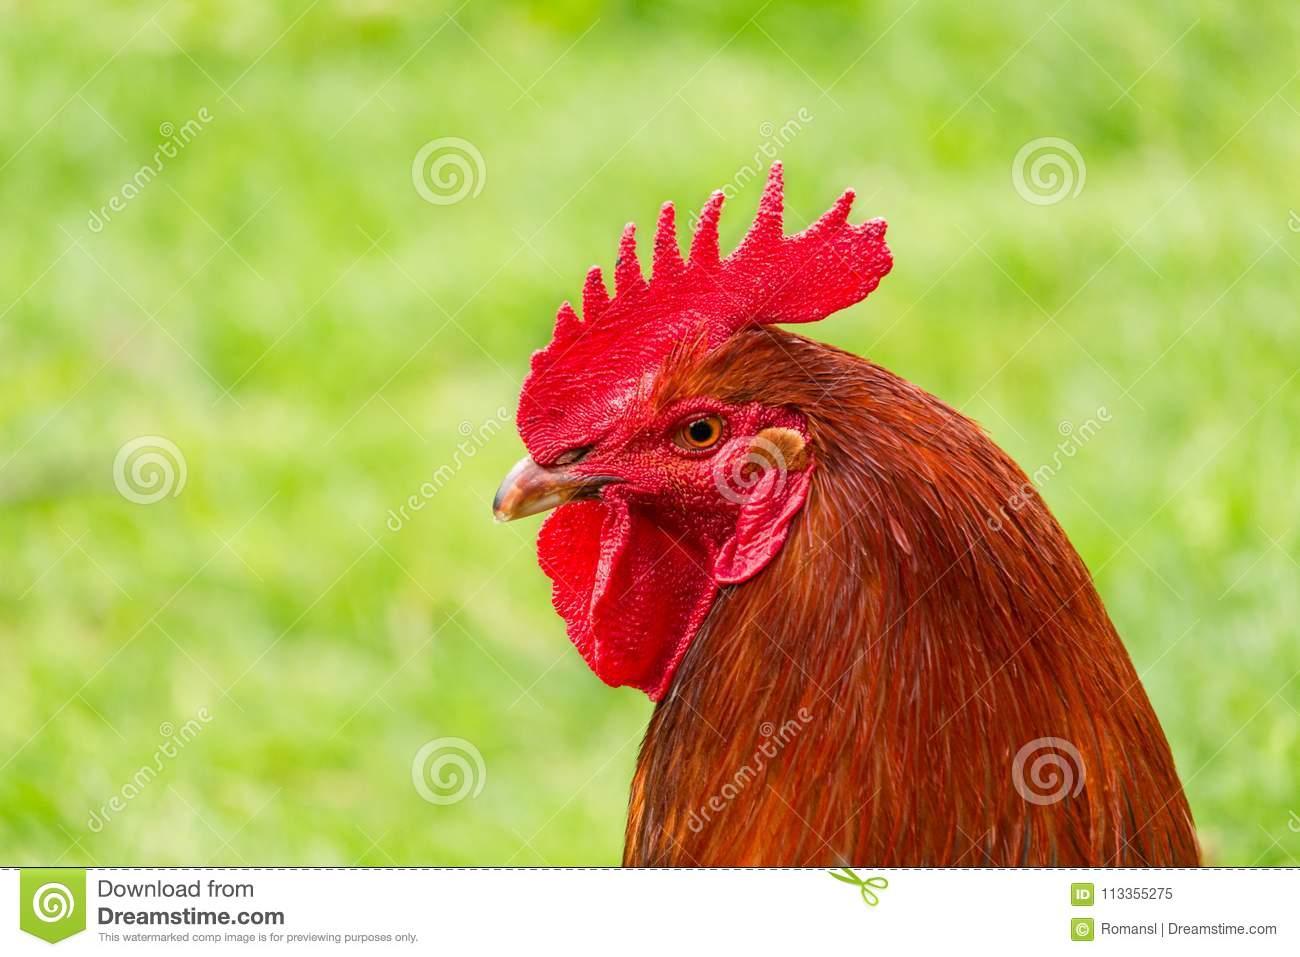 Как выглядит петух: это птица или нет, самые красивые цвета